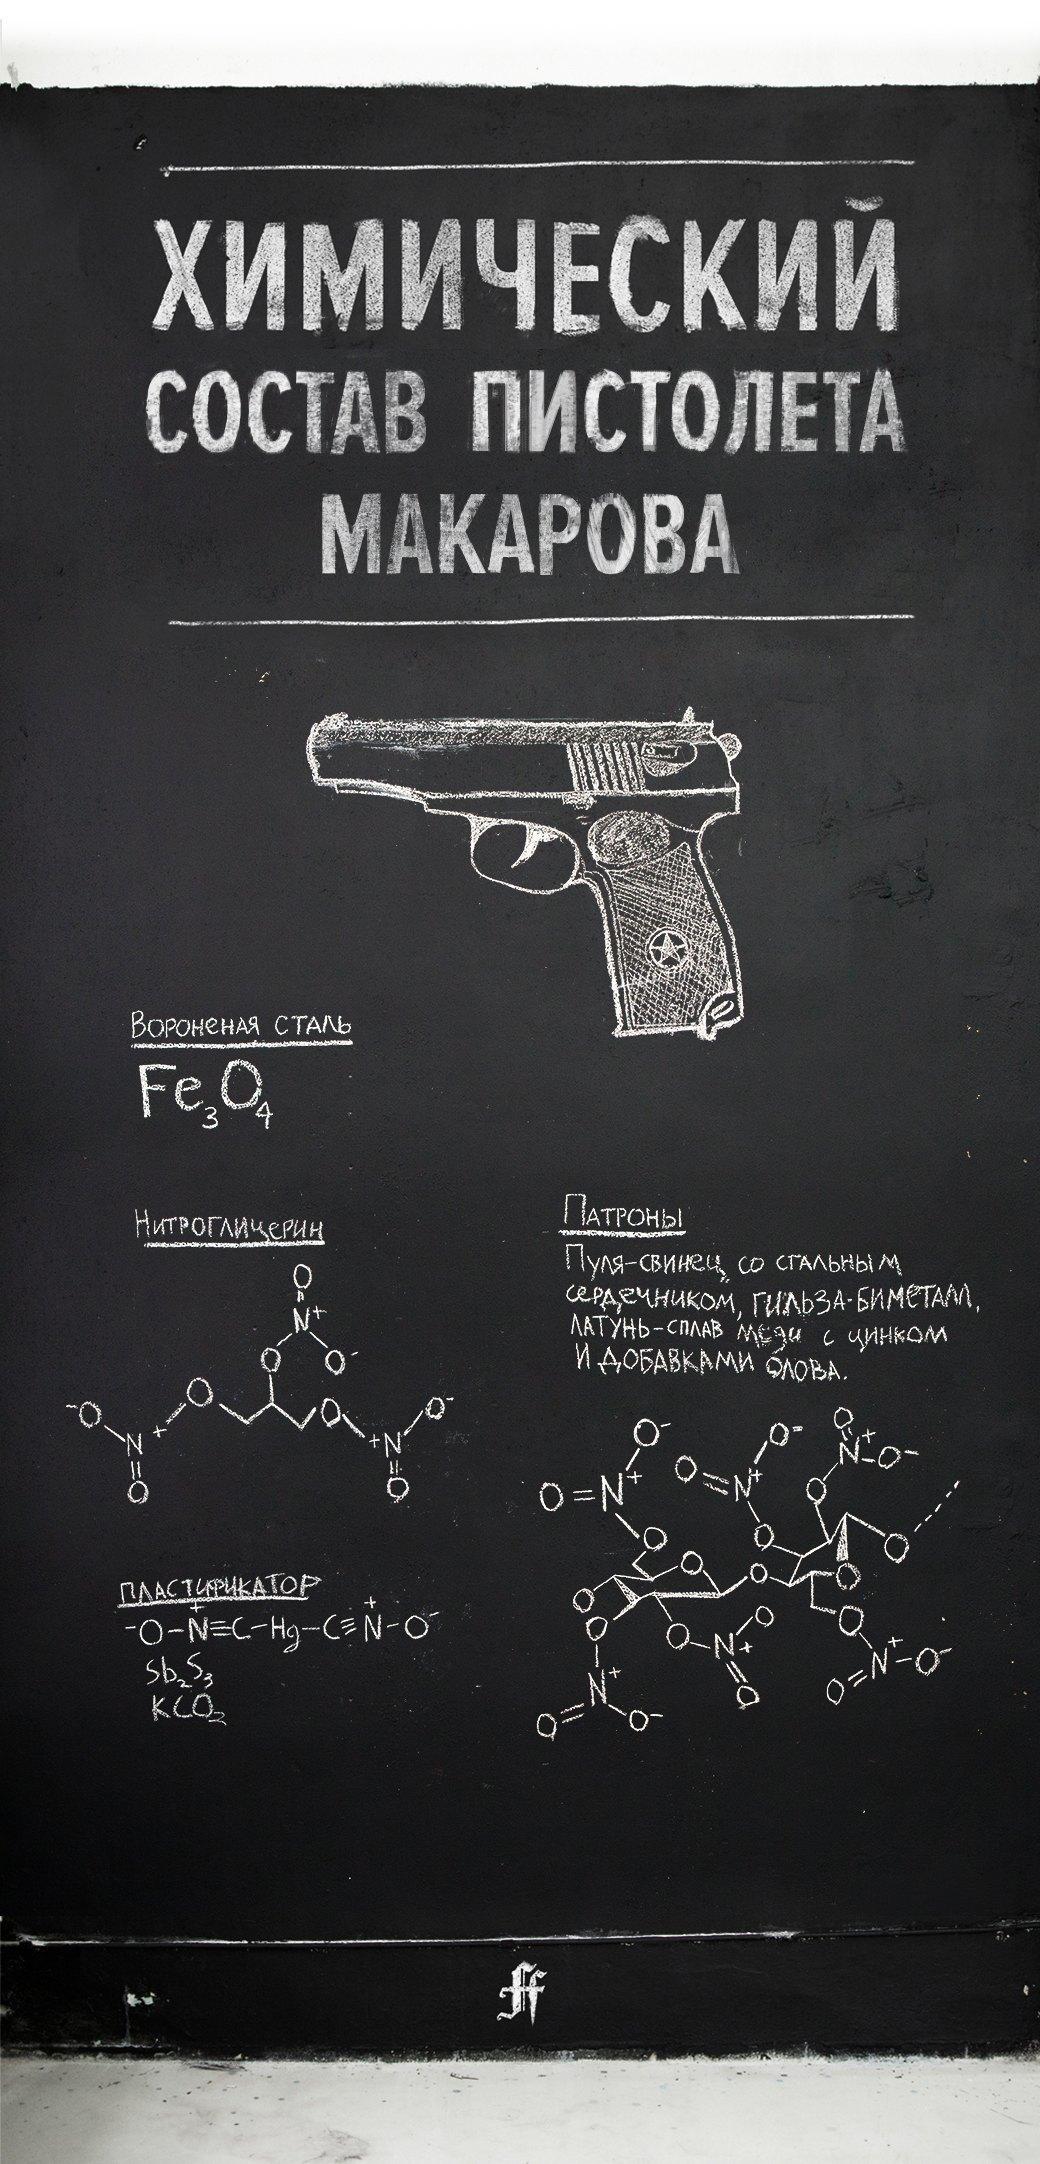 Элементарно: Химический состав пистолета Макарова. Изображение № 1.